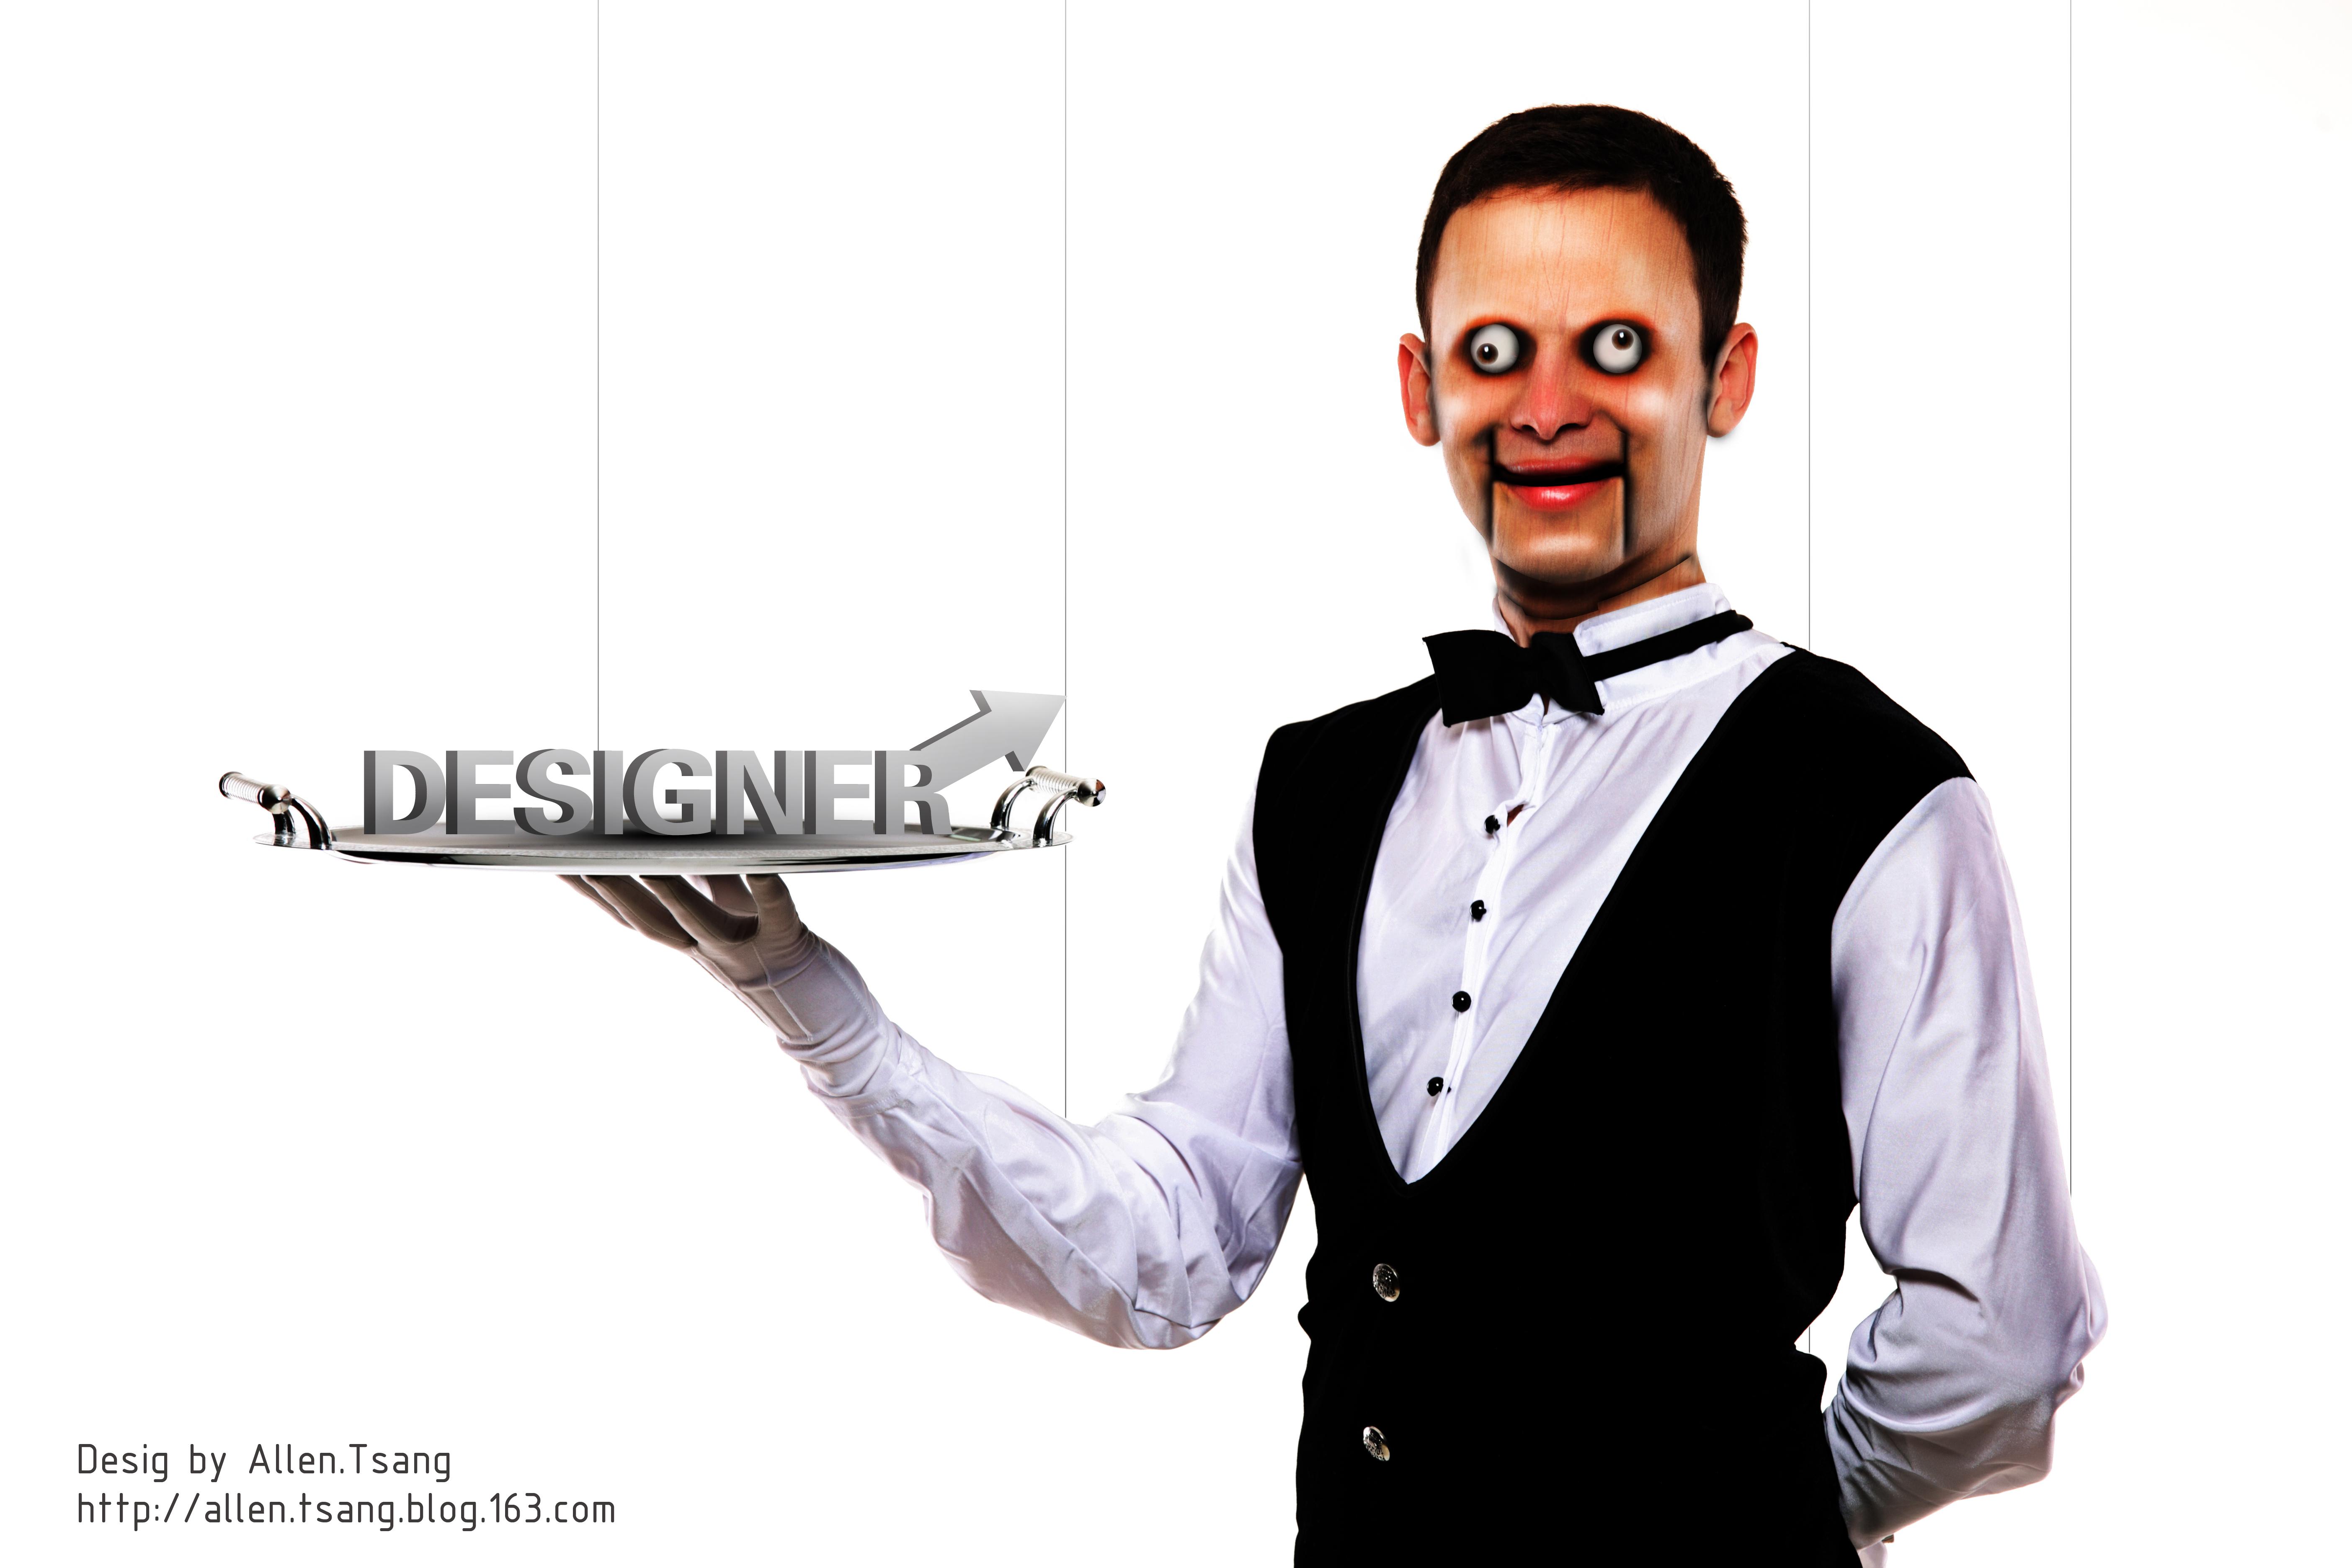 这就是我对设计师这个职称的感悟-木偶图片